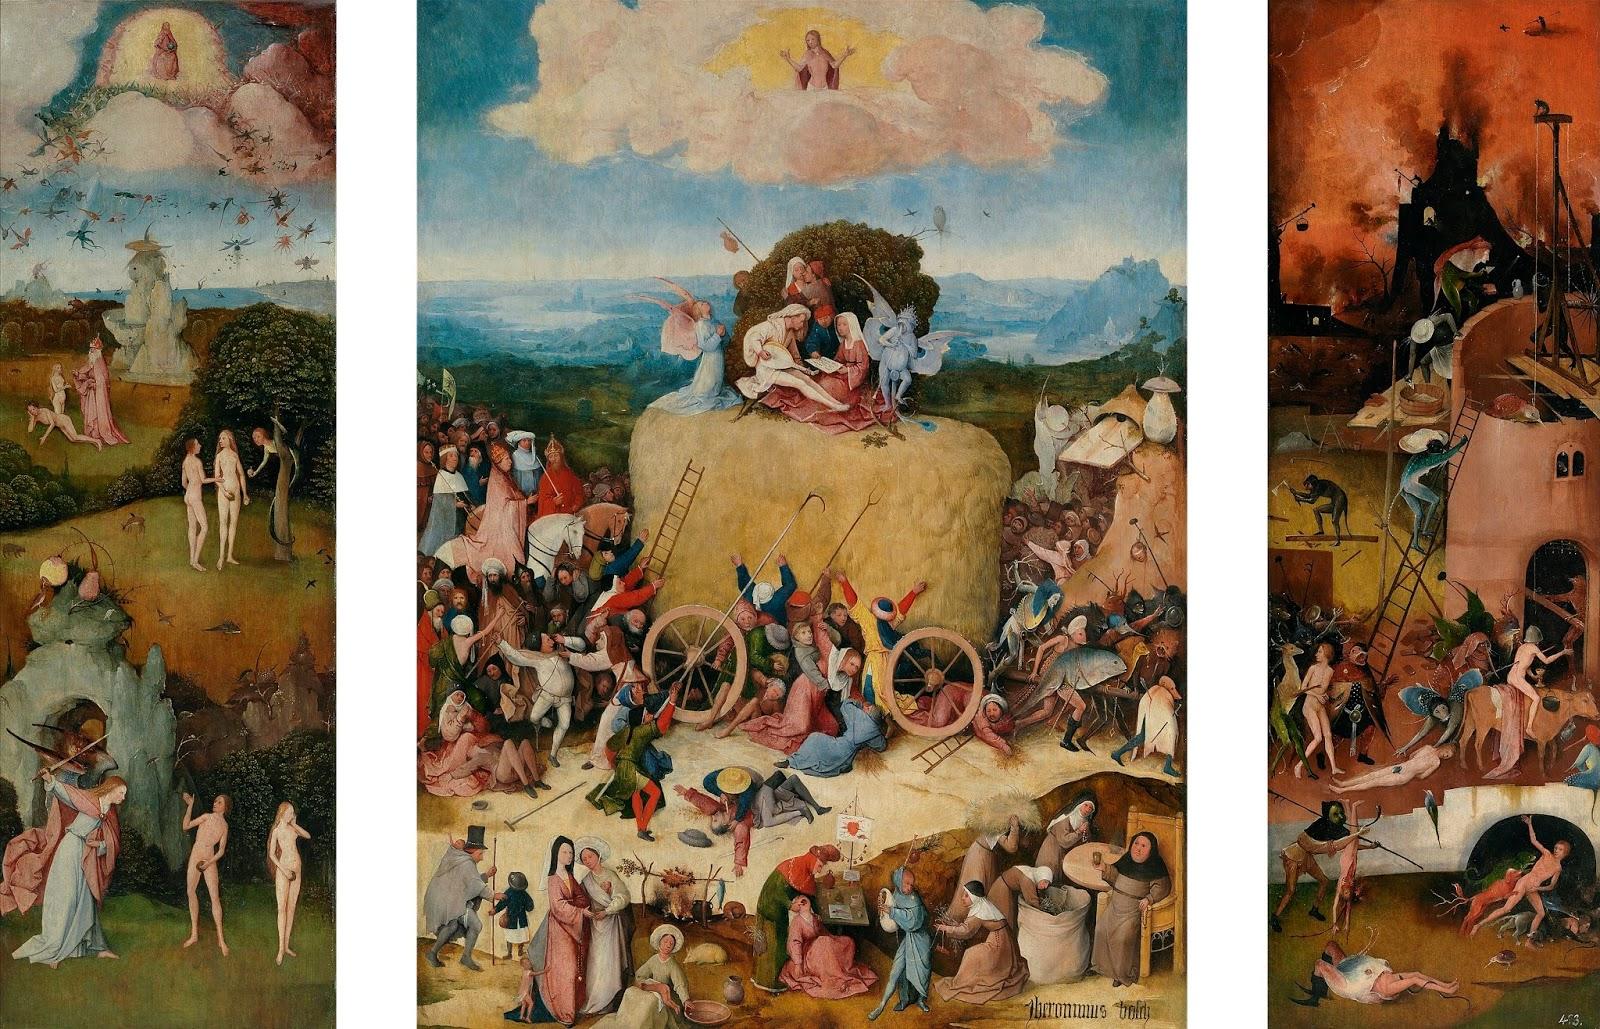 La Memoria del Arte: El carro de heno, de Hieronymus Bosch